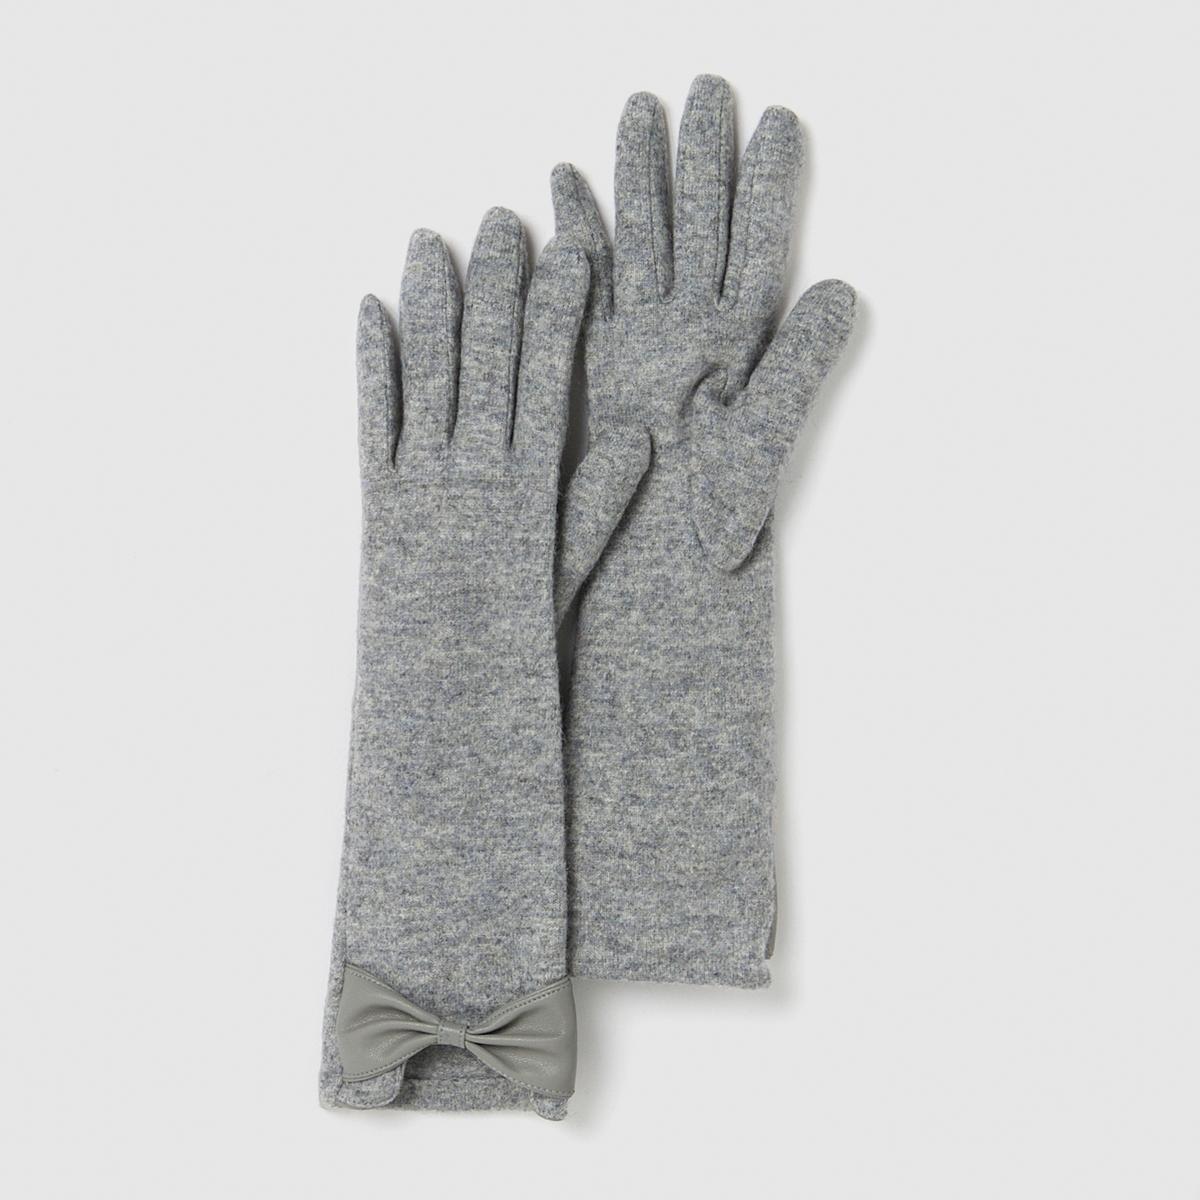 Перчатки - Atelier RПерчатки Atelier RМатериал: 80% полиэстера, 20% шерсти<br><br>Цвет: серый,черный